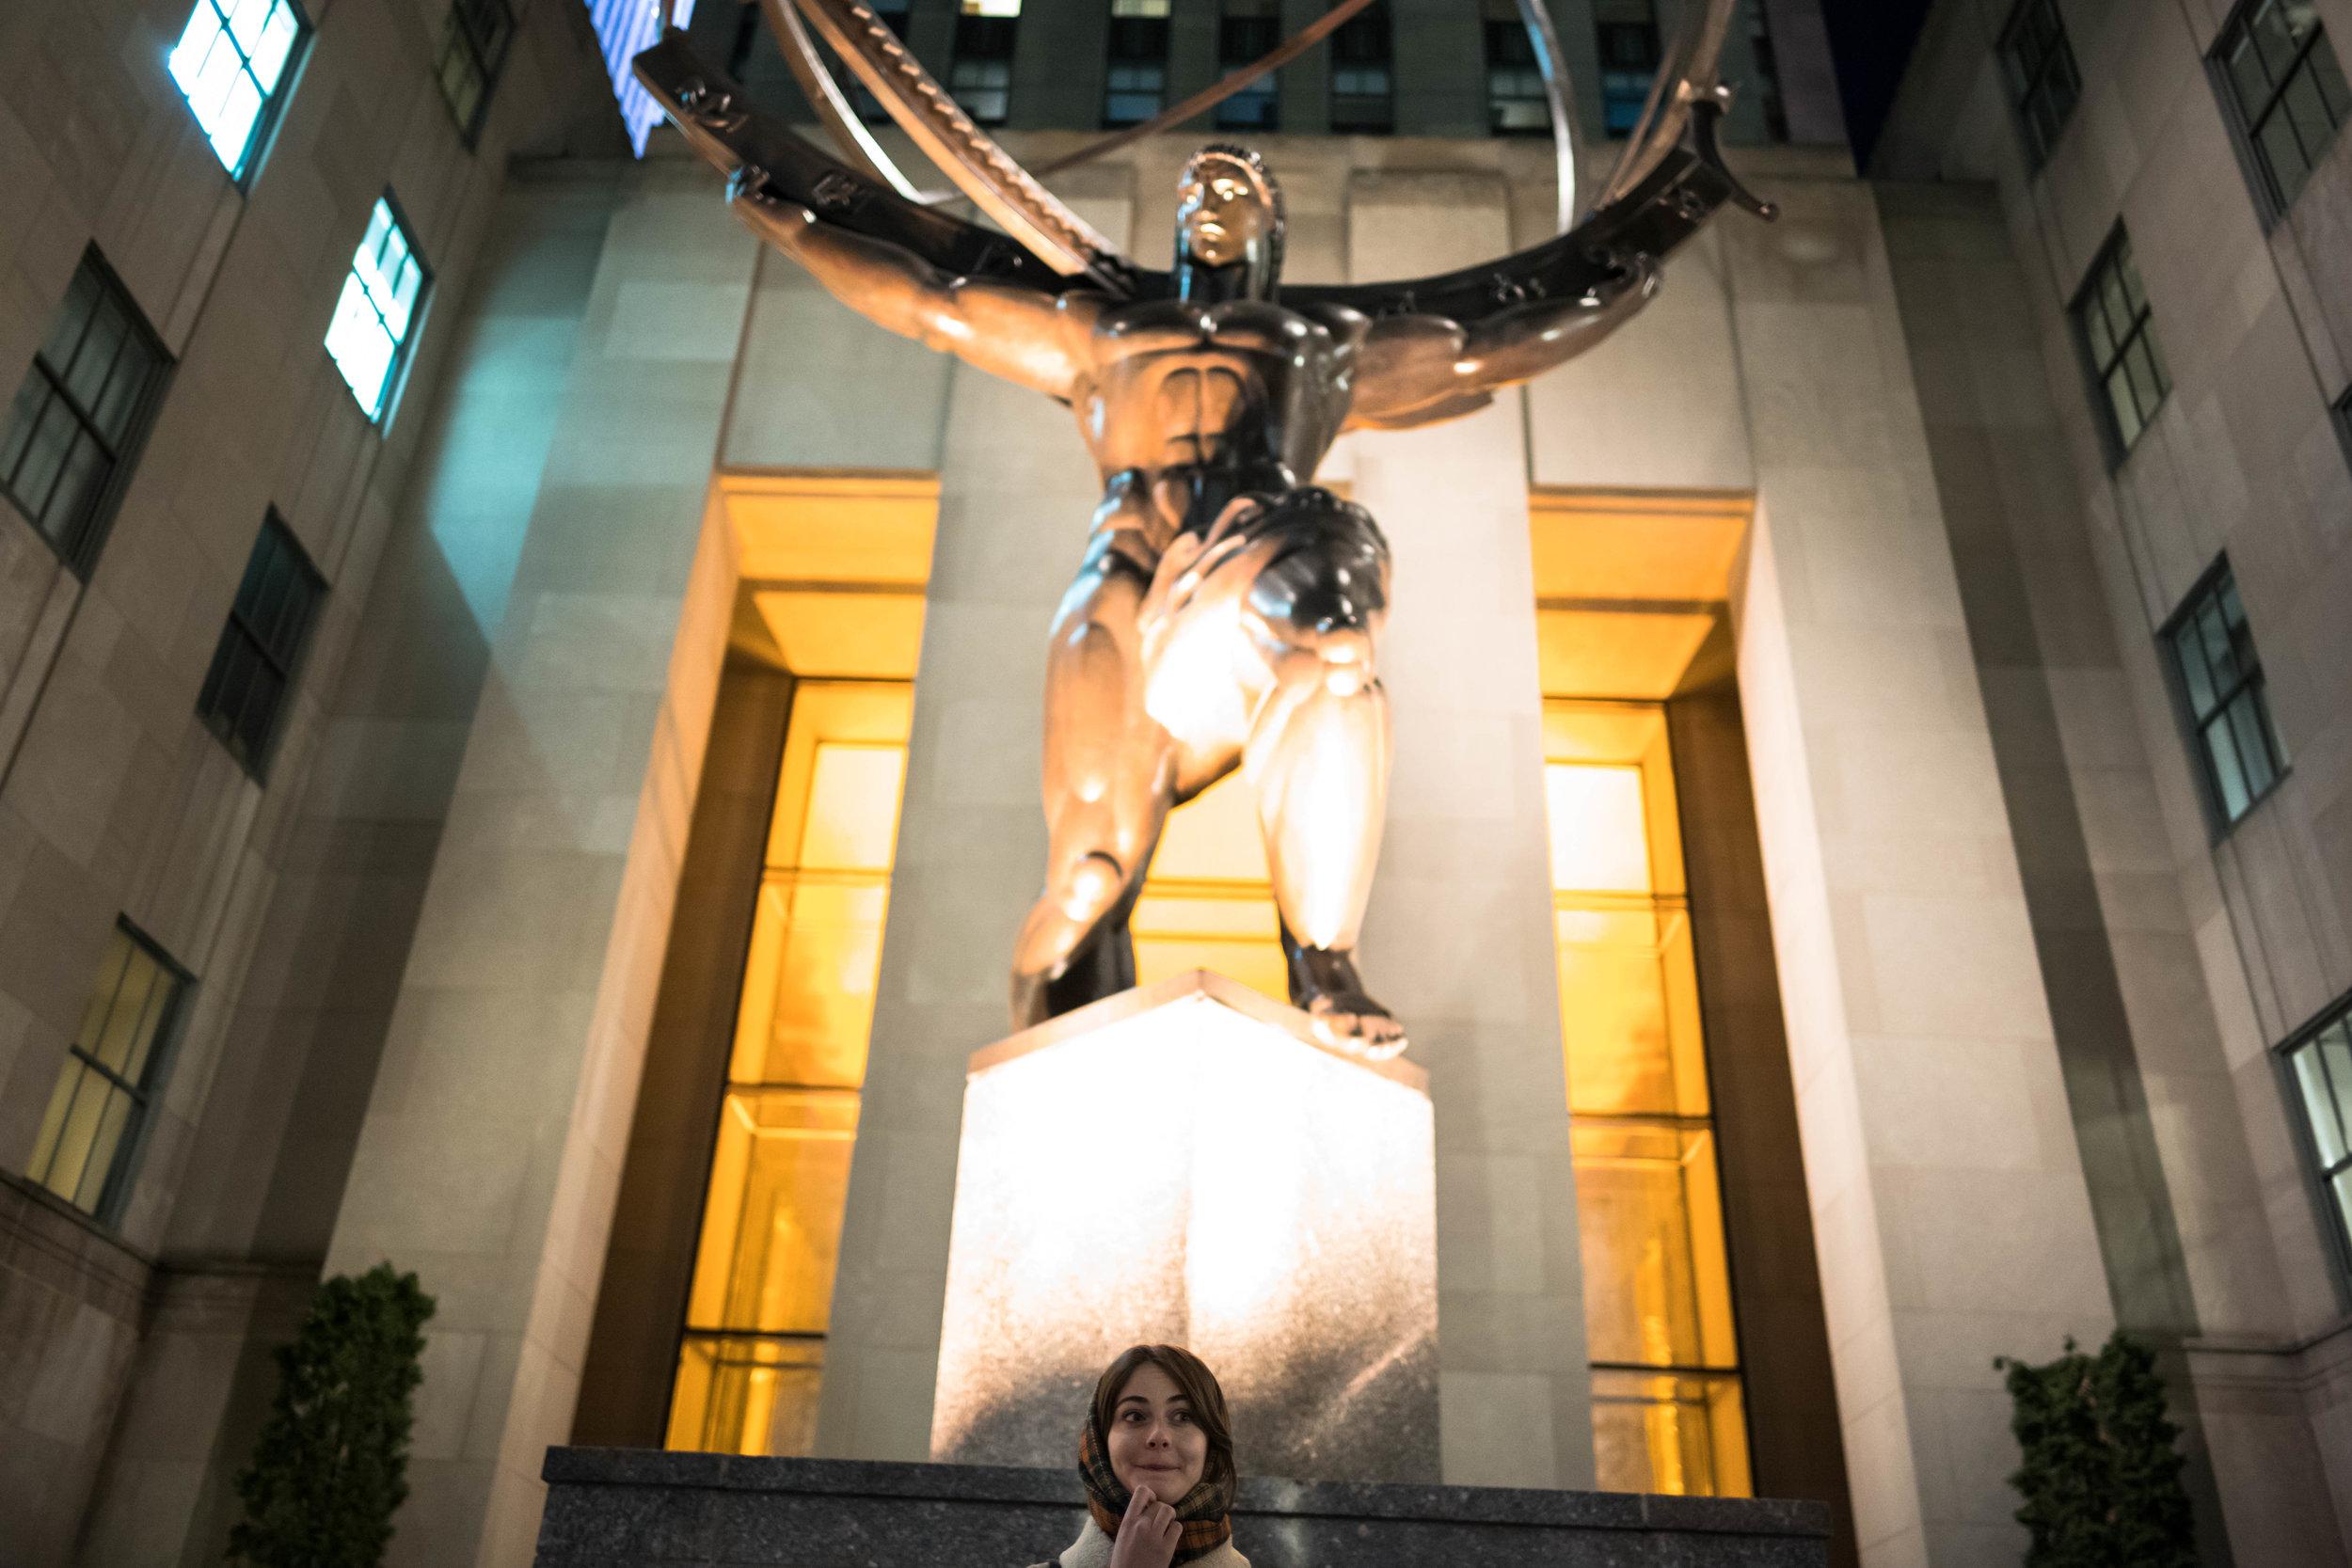 Under the statue of Atlas at Rockefeller Center.